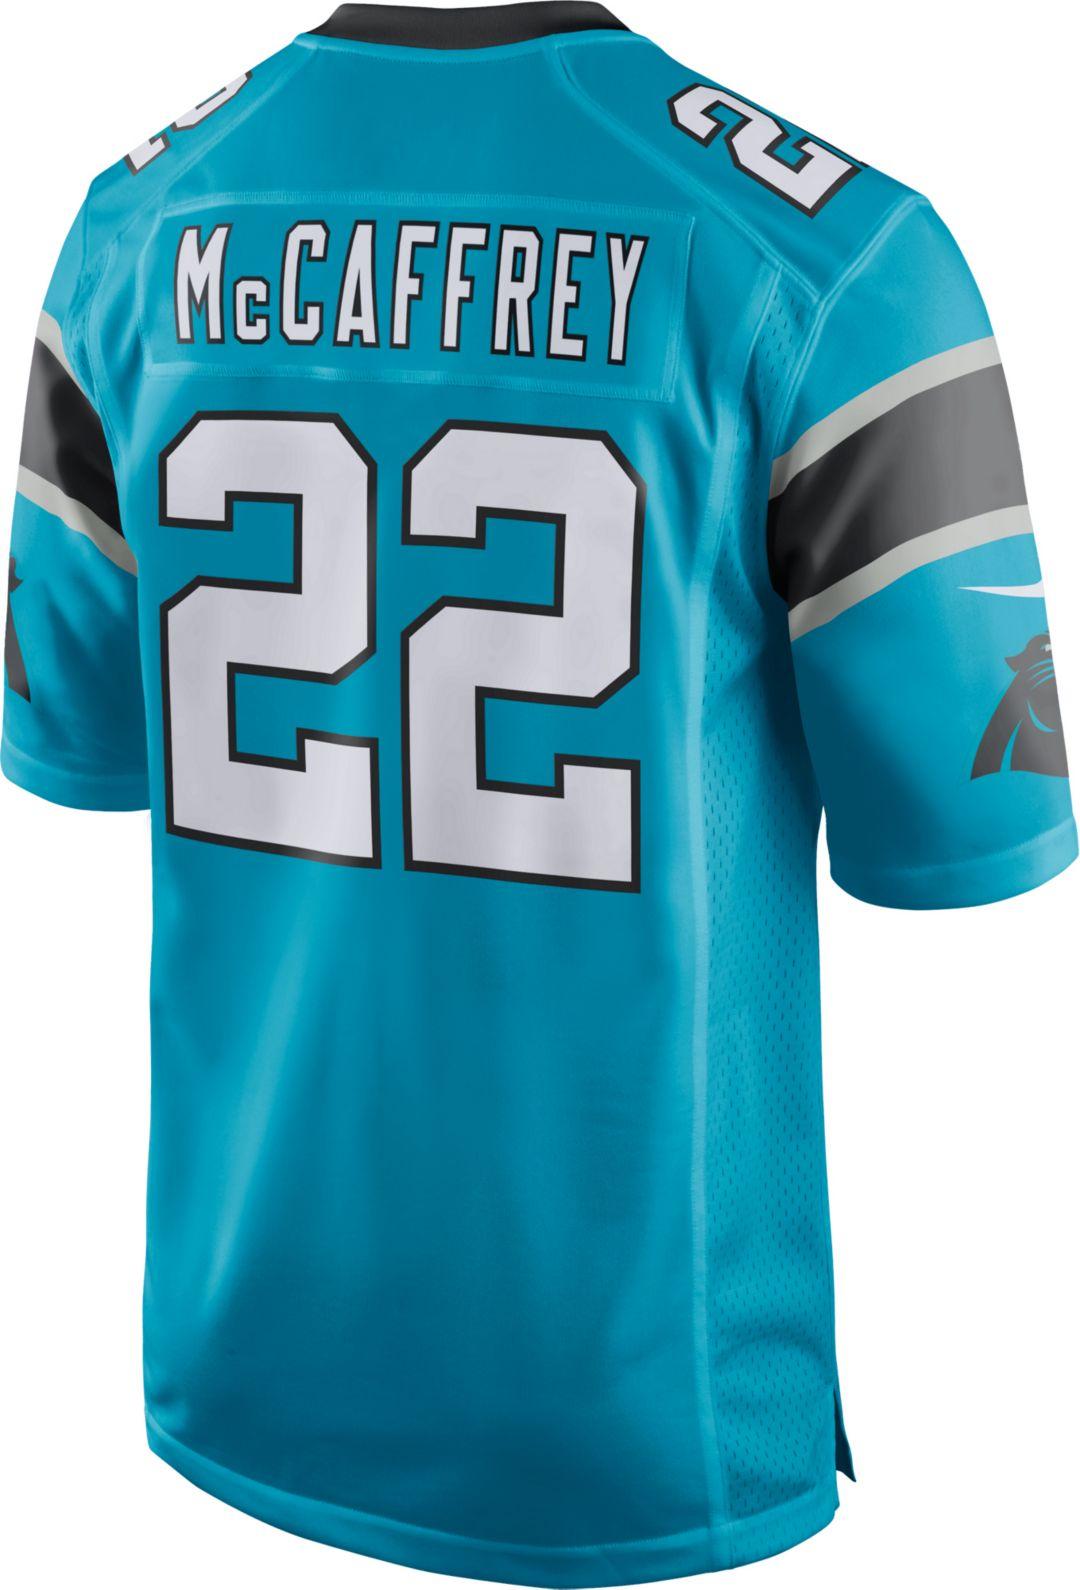 f8444ef0717b1 Nike Men's Alternate Game Jersey Carolina Panthers Christian McCaffrey #22.  noImageFound. Previous. 1. 2. 3